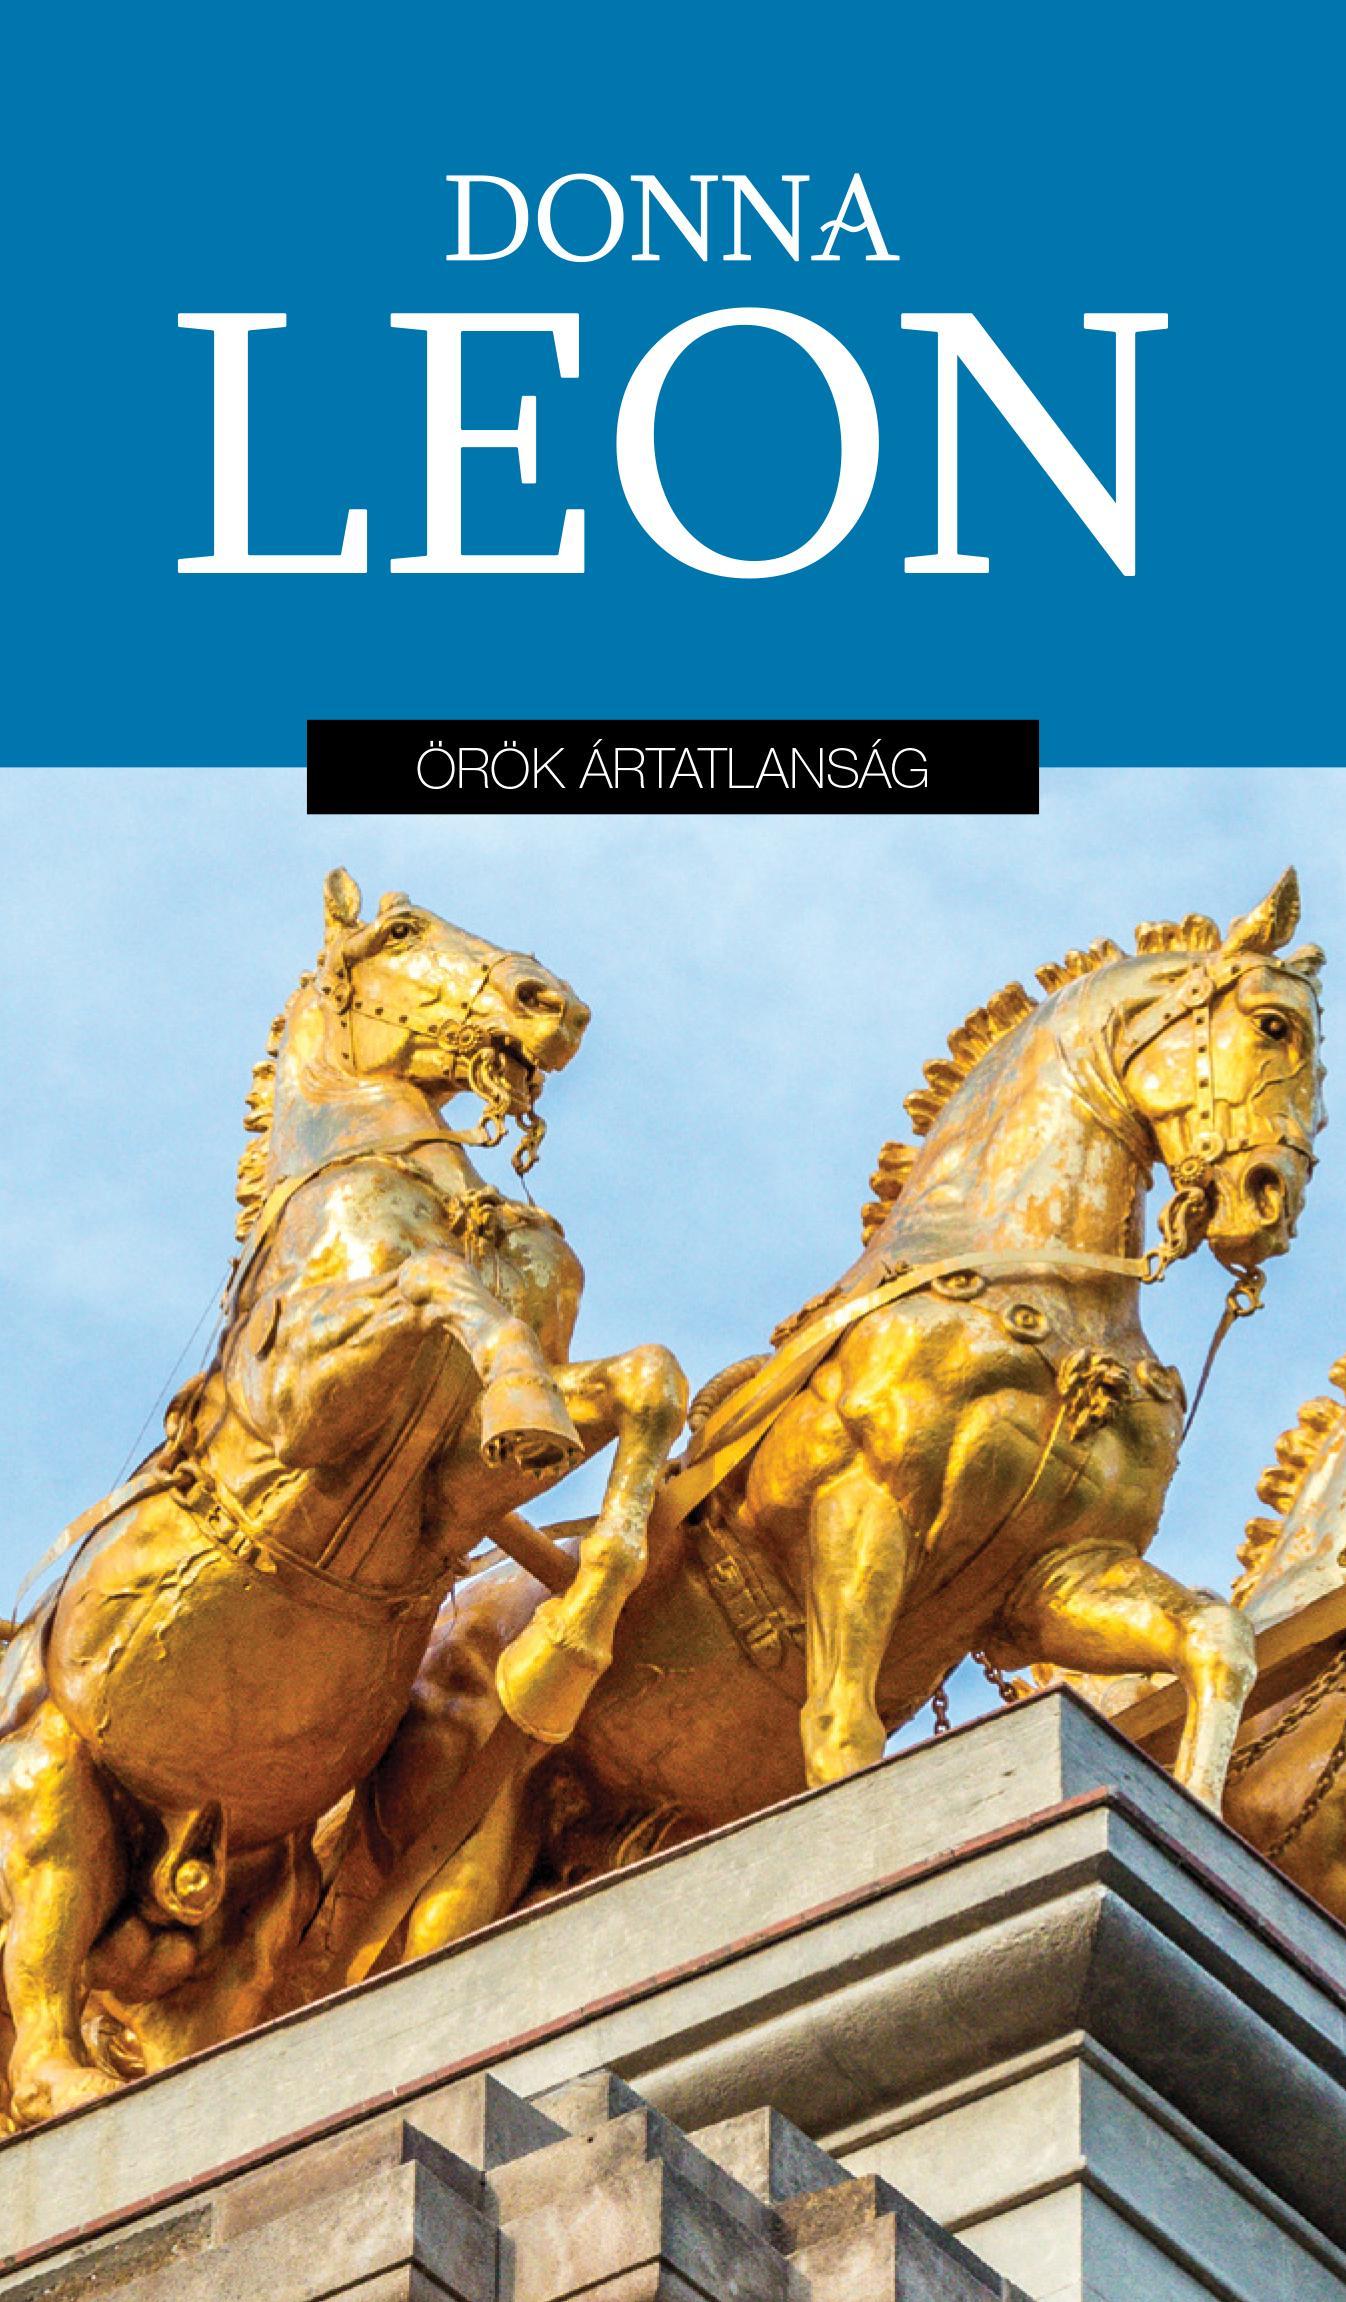 LEON, DONNA - ÖRÖK ÁRTATLANSÁG